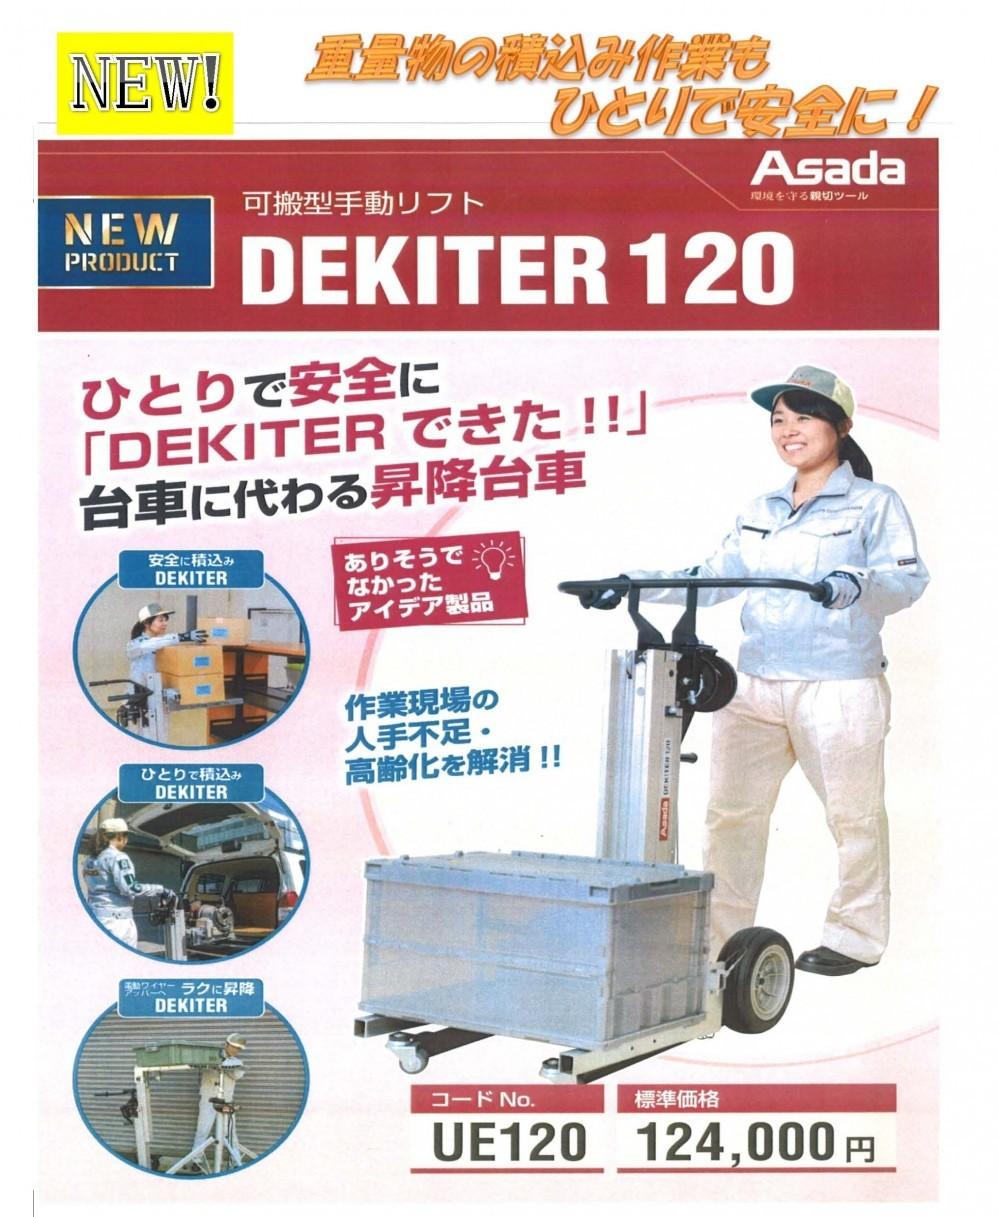 重量物の積込みをアシスト!Asada 可搬型手動リフト DEKITER120